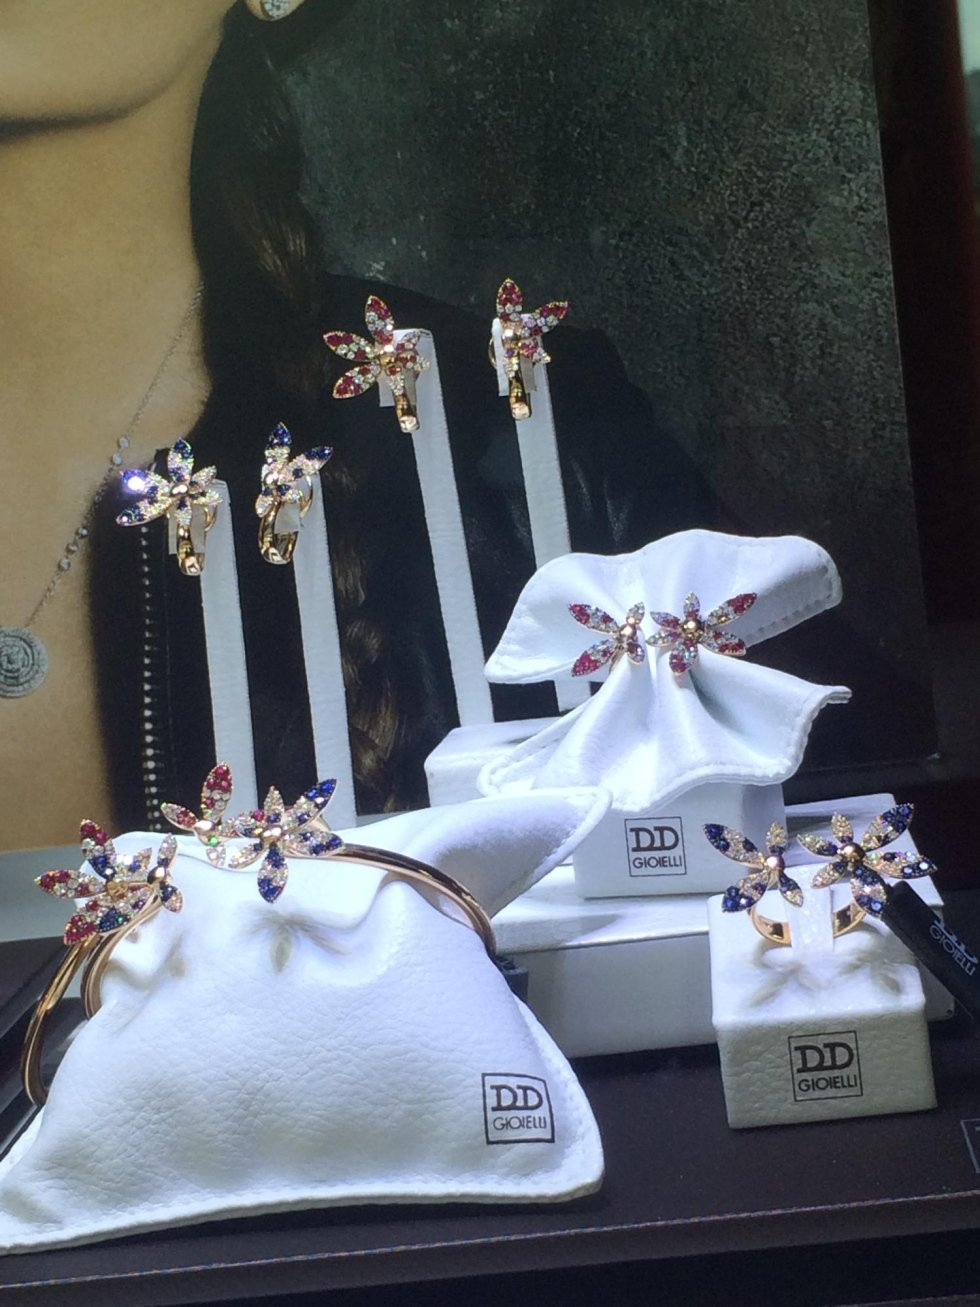 Braccialetti della collezione DD Gioielli